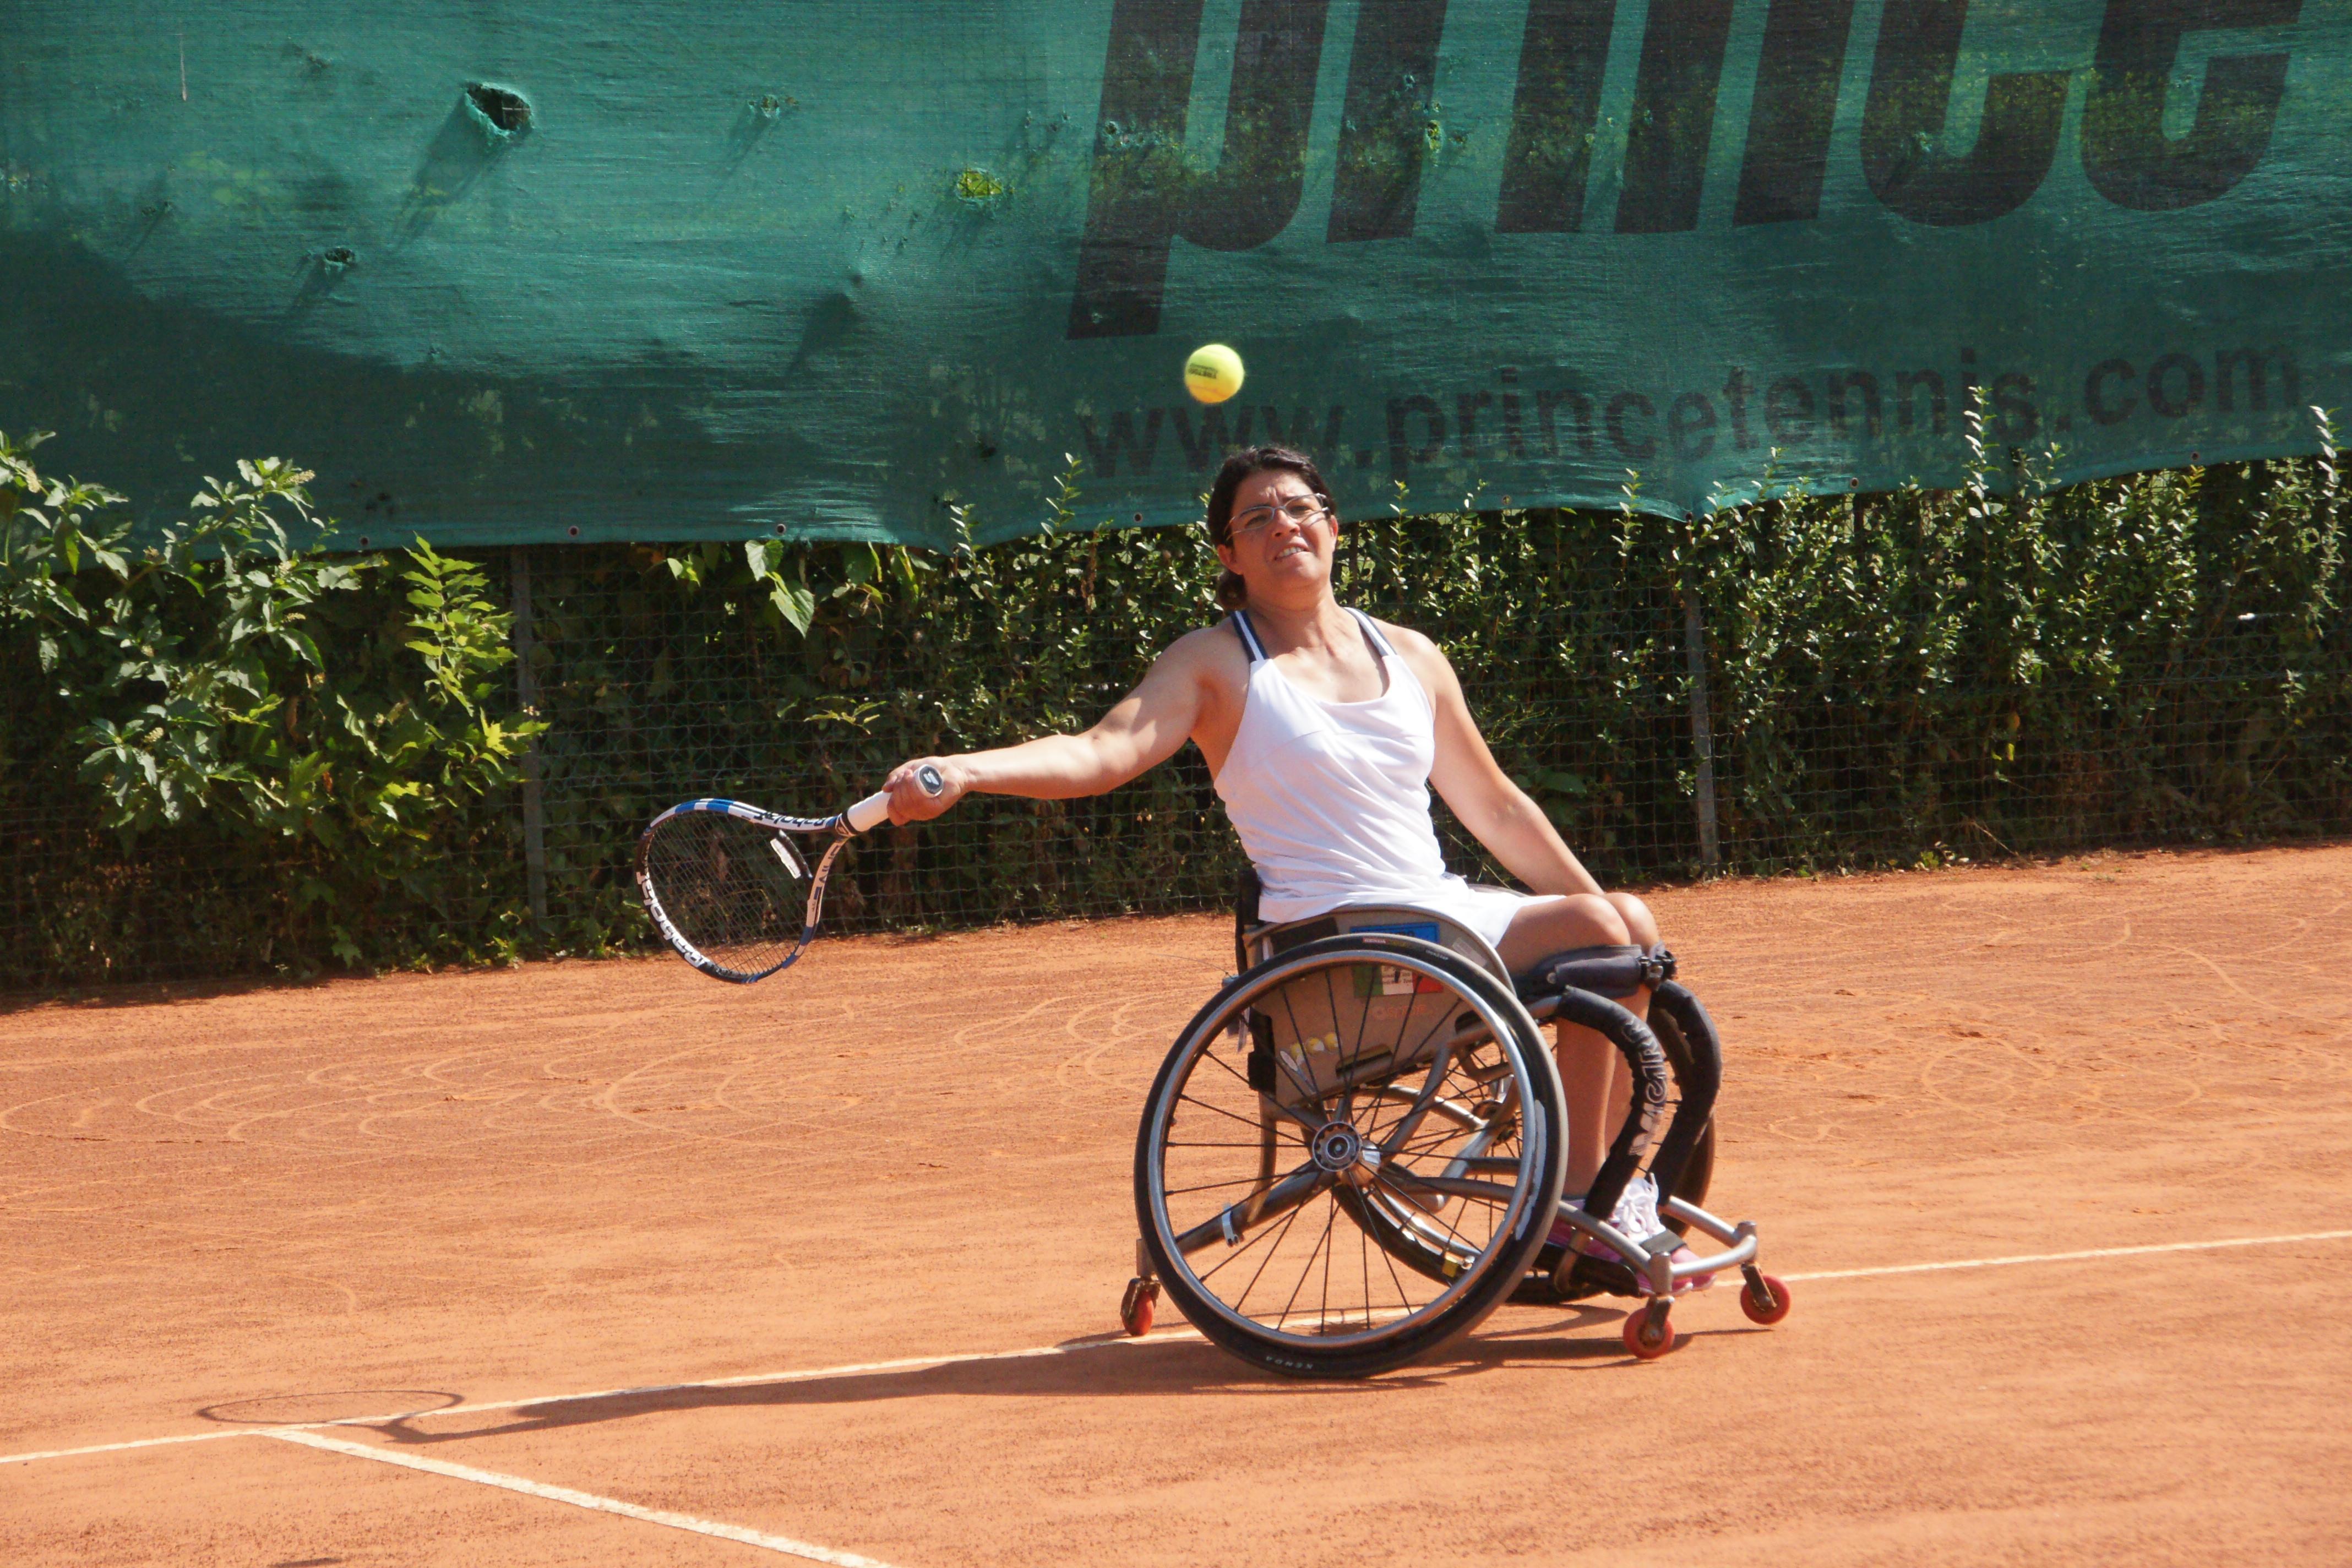 Trofeo della Mole, Capocci e Lauro in semifinale